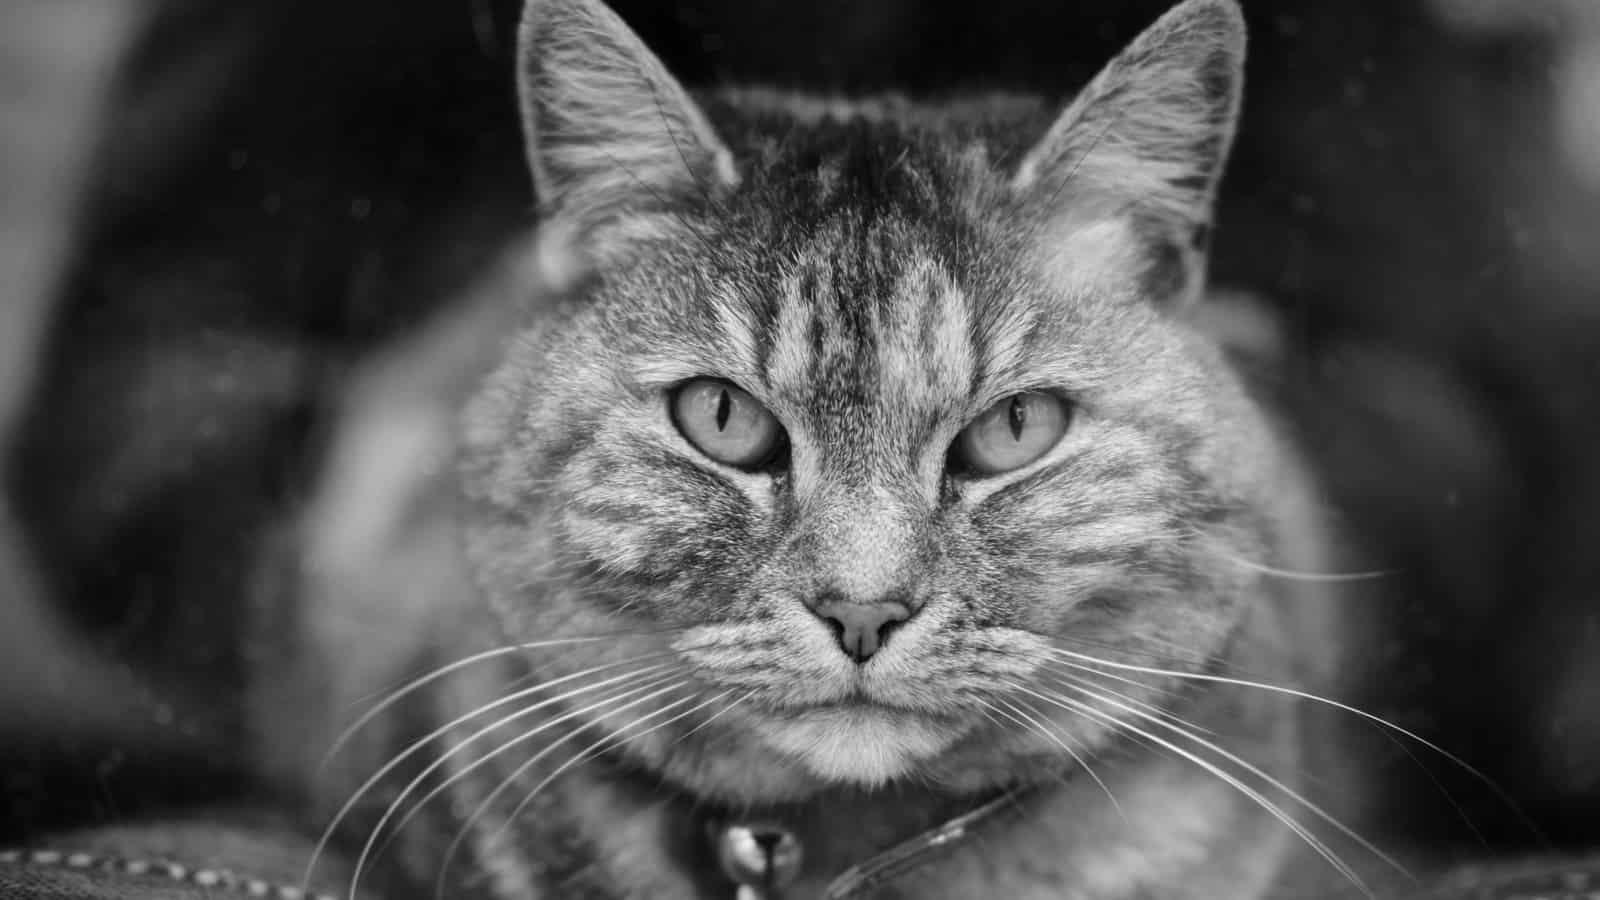 Sei wie eine Katze – mit Fokus zum Ziel